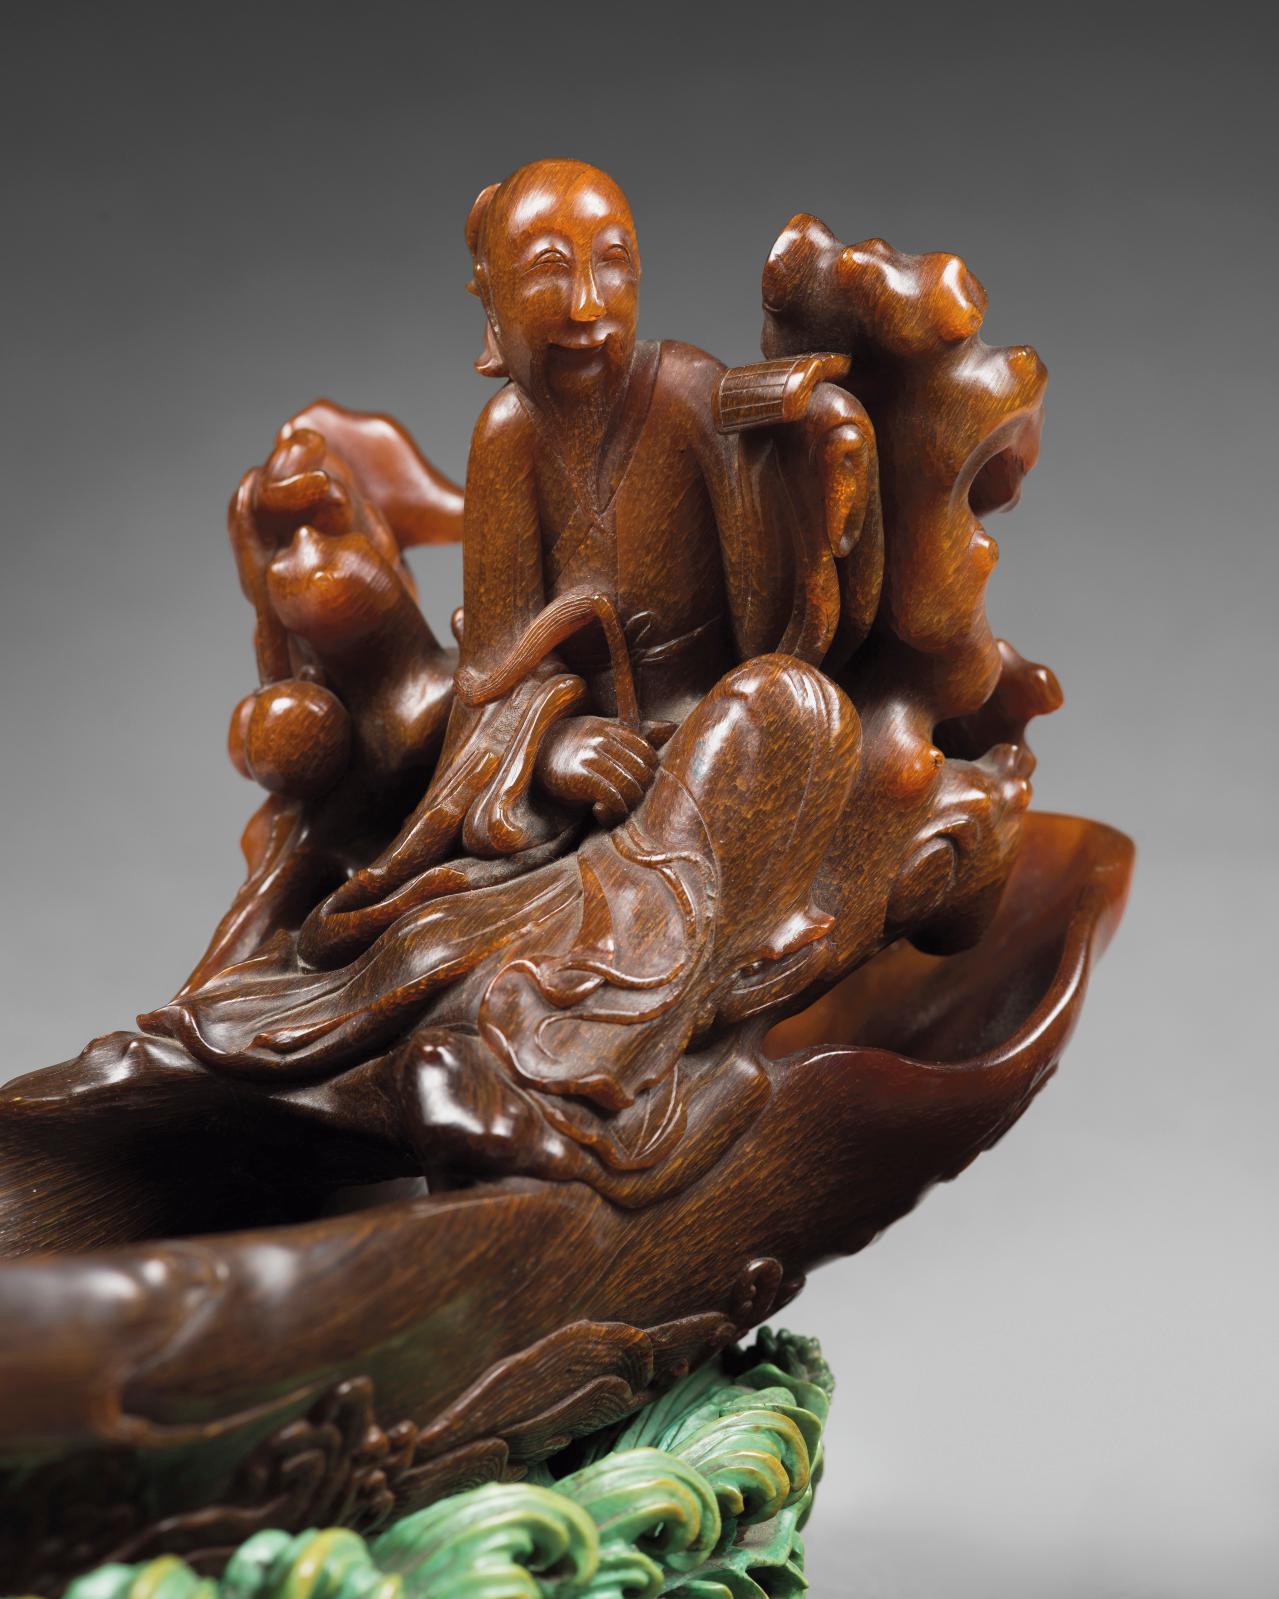 Chine, XVIIe-XVIIIesiècle. Coupe libatoire en corne de rhinocéros de couleurs miel et foncée, figurant Zhang Qian assis dans sa barque en